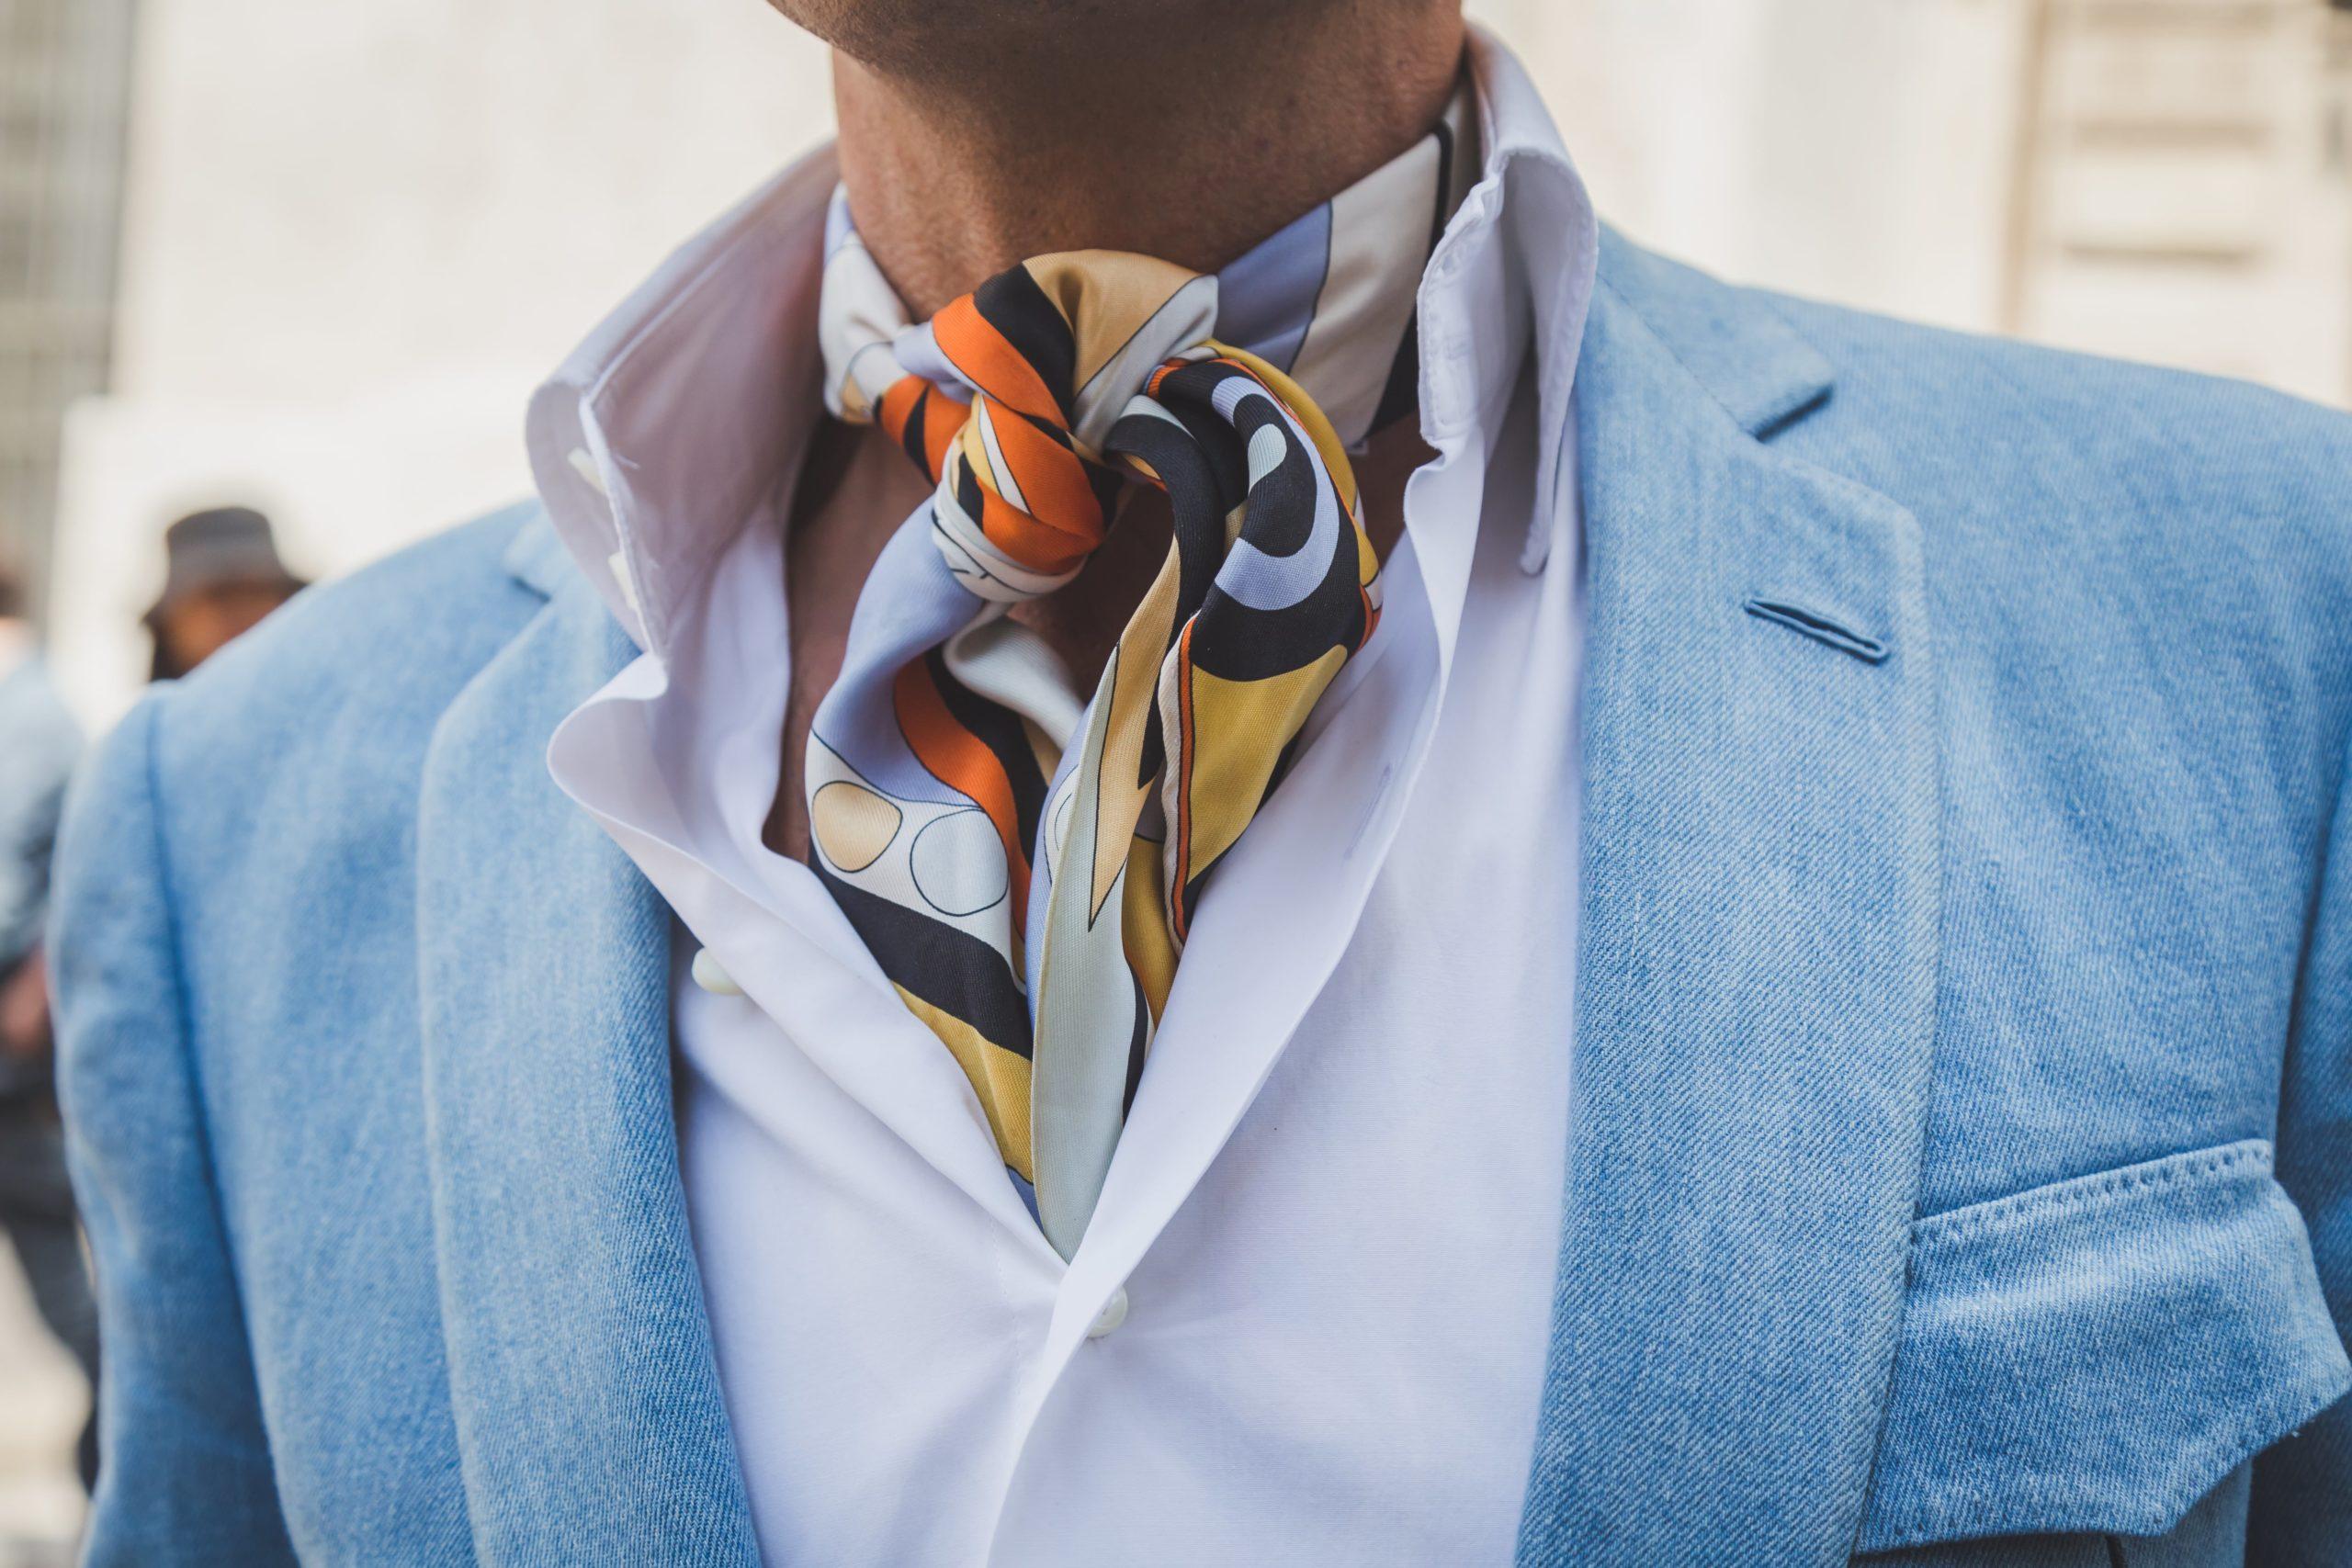 Fular i apaszka – wyjaśniamy, co mężczyzna może nosić zamiast krawata